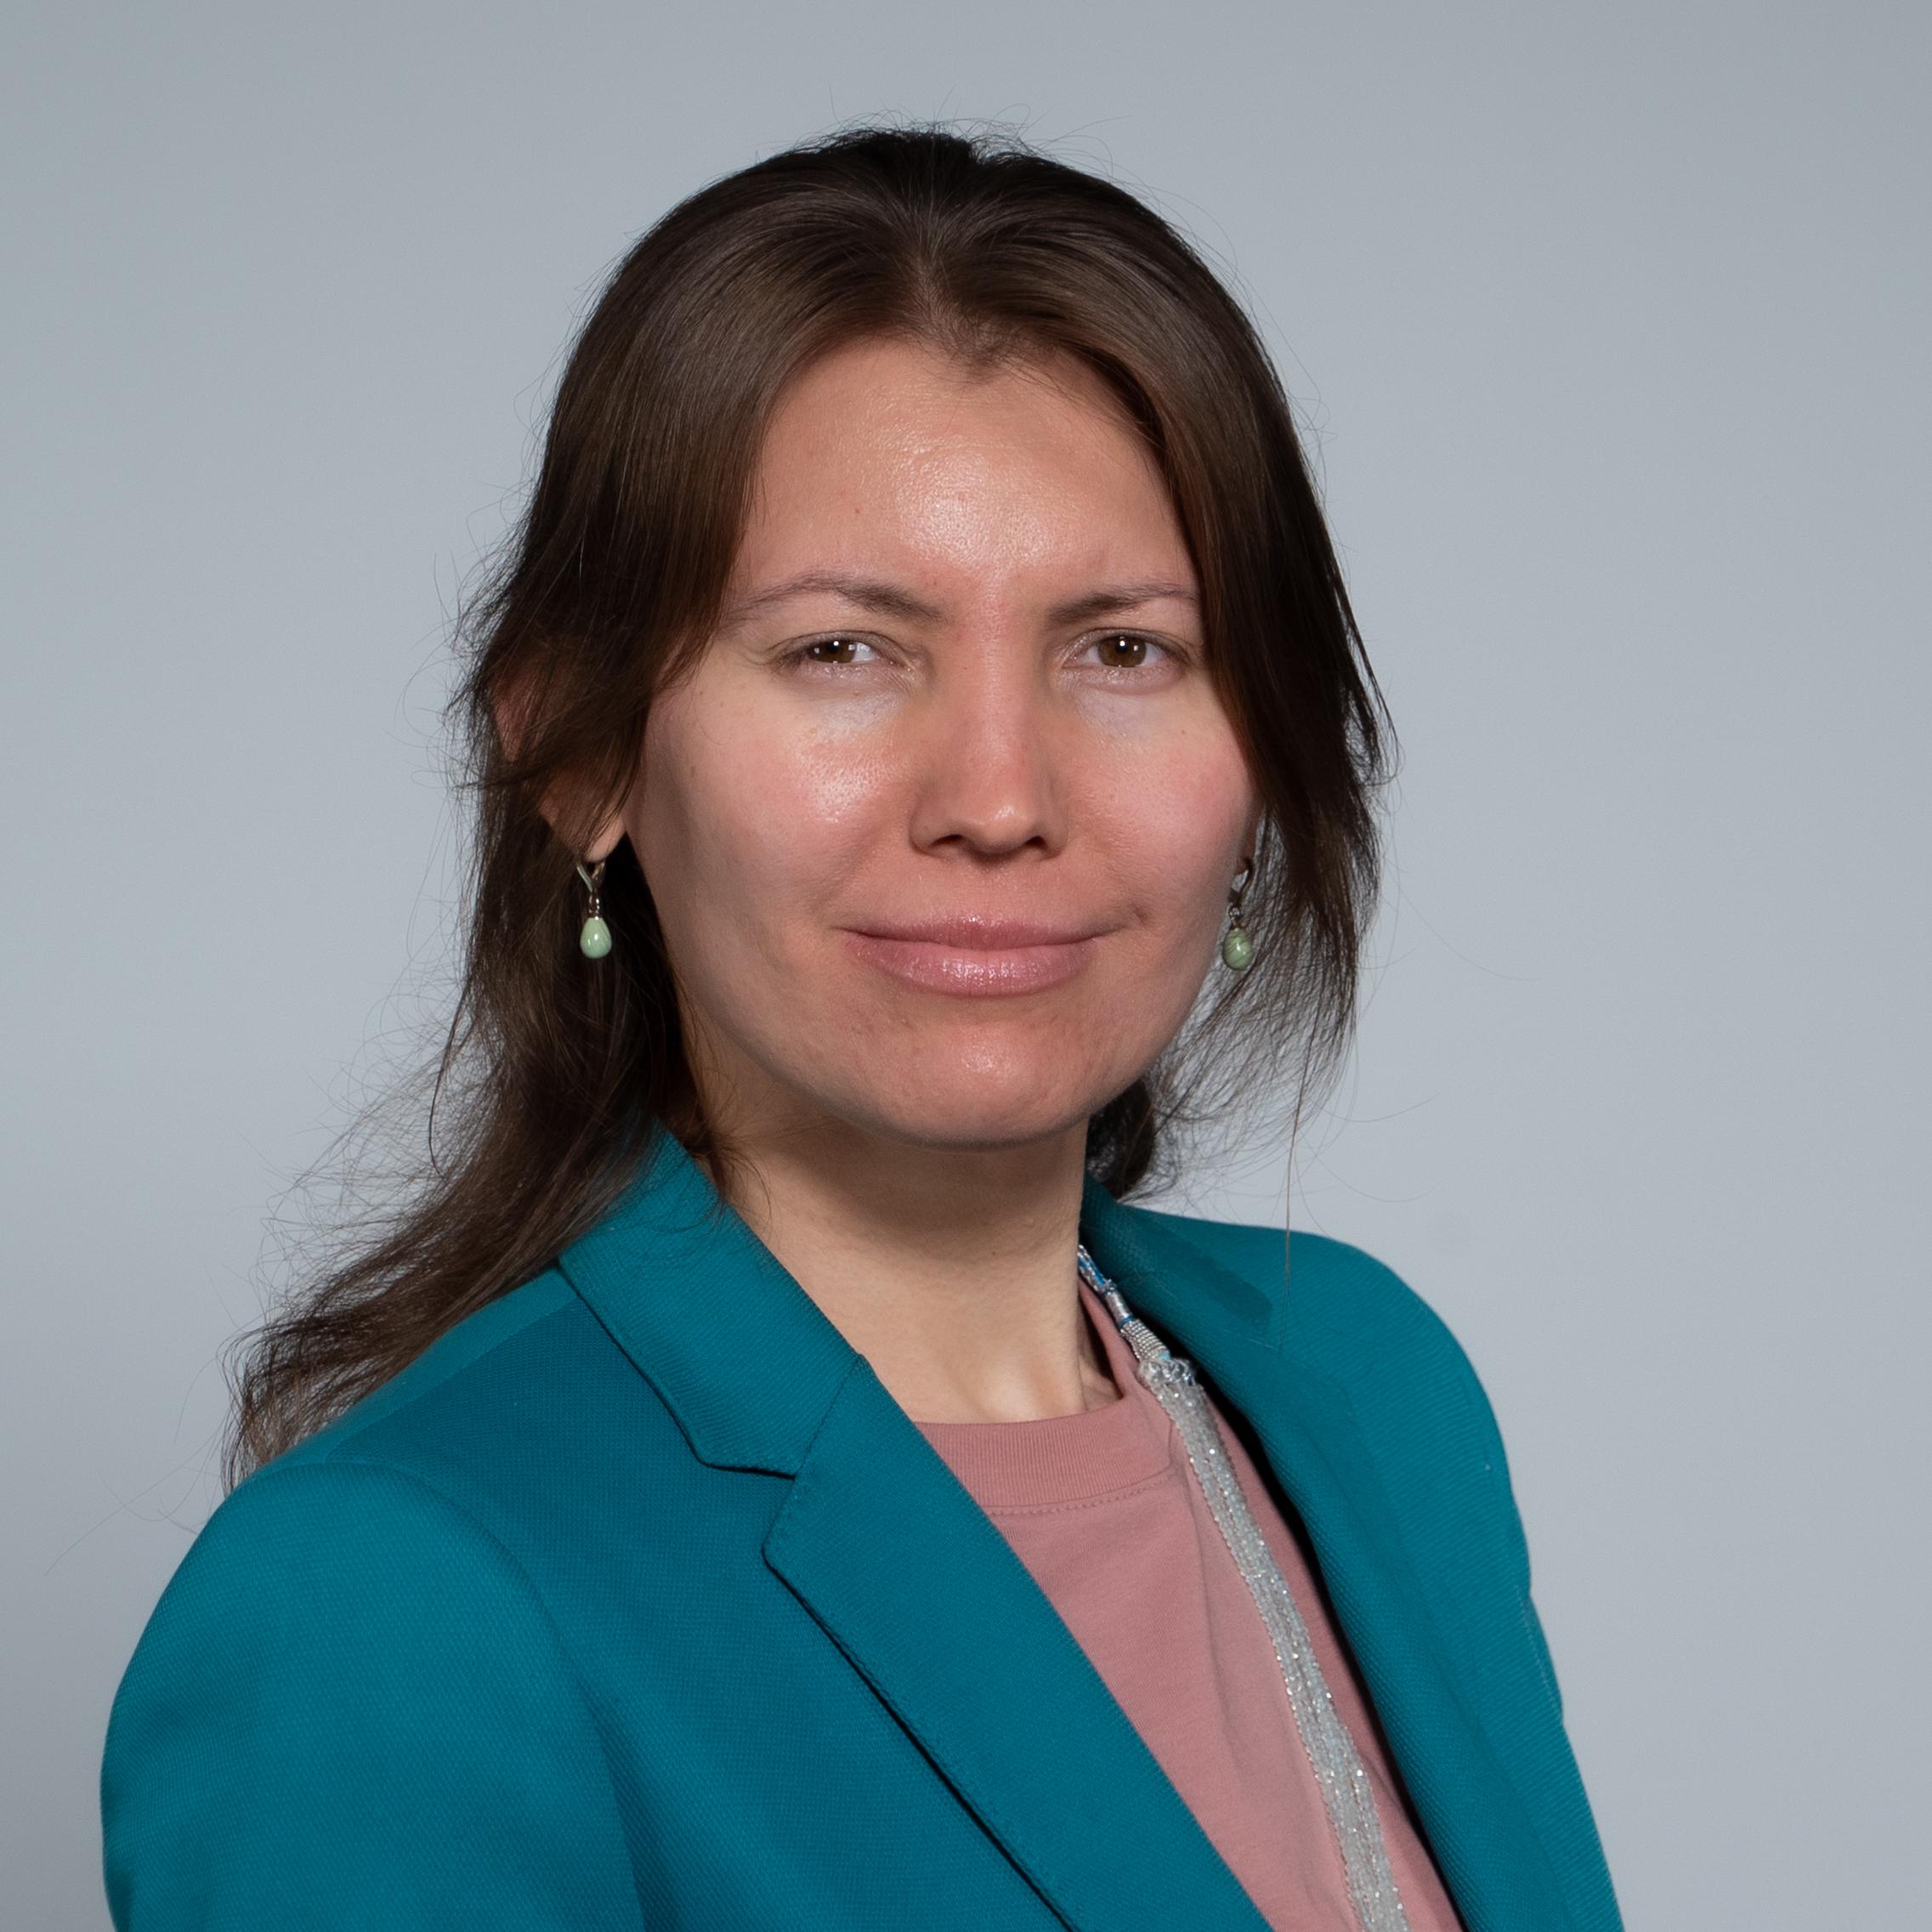 Гончарова Виктория Анатольевна